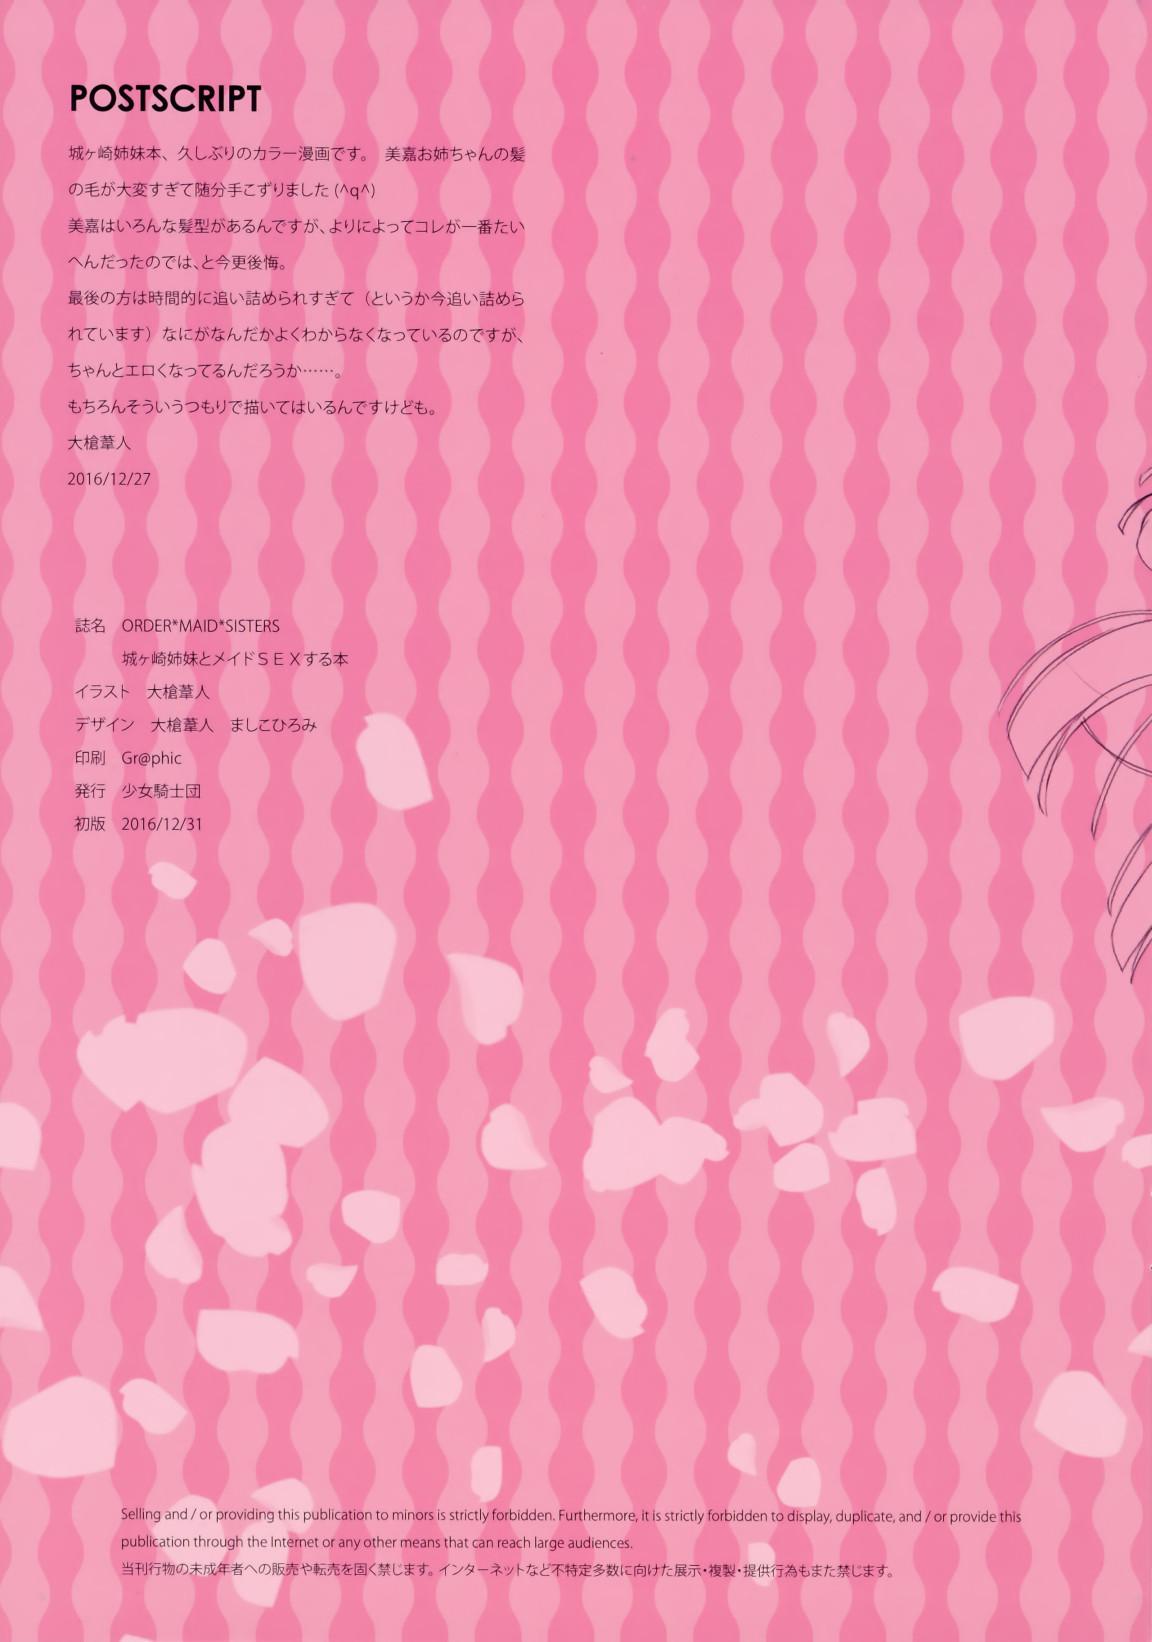 姉妹アイドルのプロデューサーになったところ、姉妹二人と恋人関係になっちゃう不思議な三角関係wwwwww【モバマス エロ漫画・エロ同人】 (33)